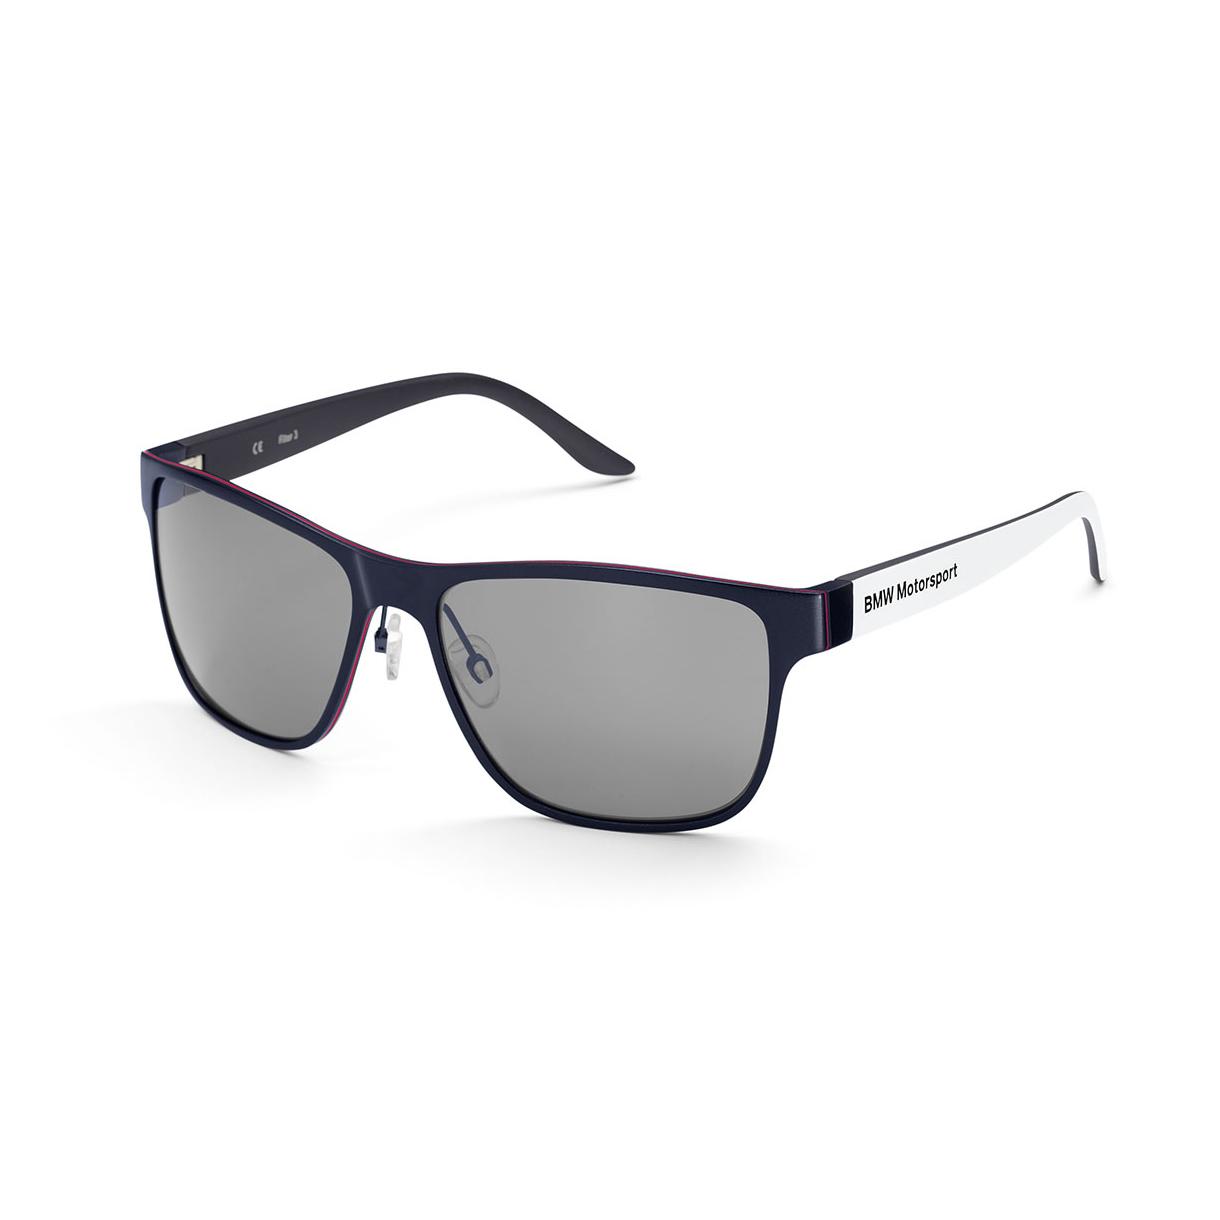 lunettes de soleil homme bmw lunette homme ray ban vue